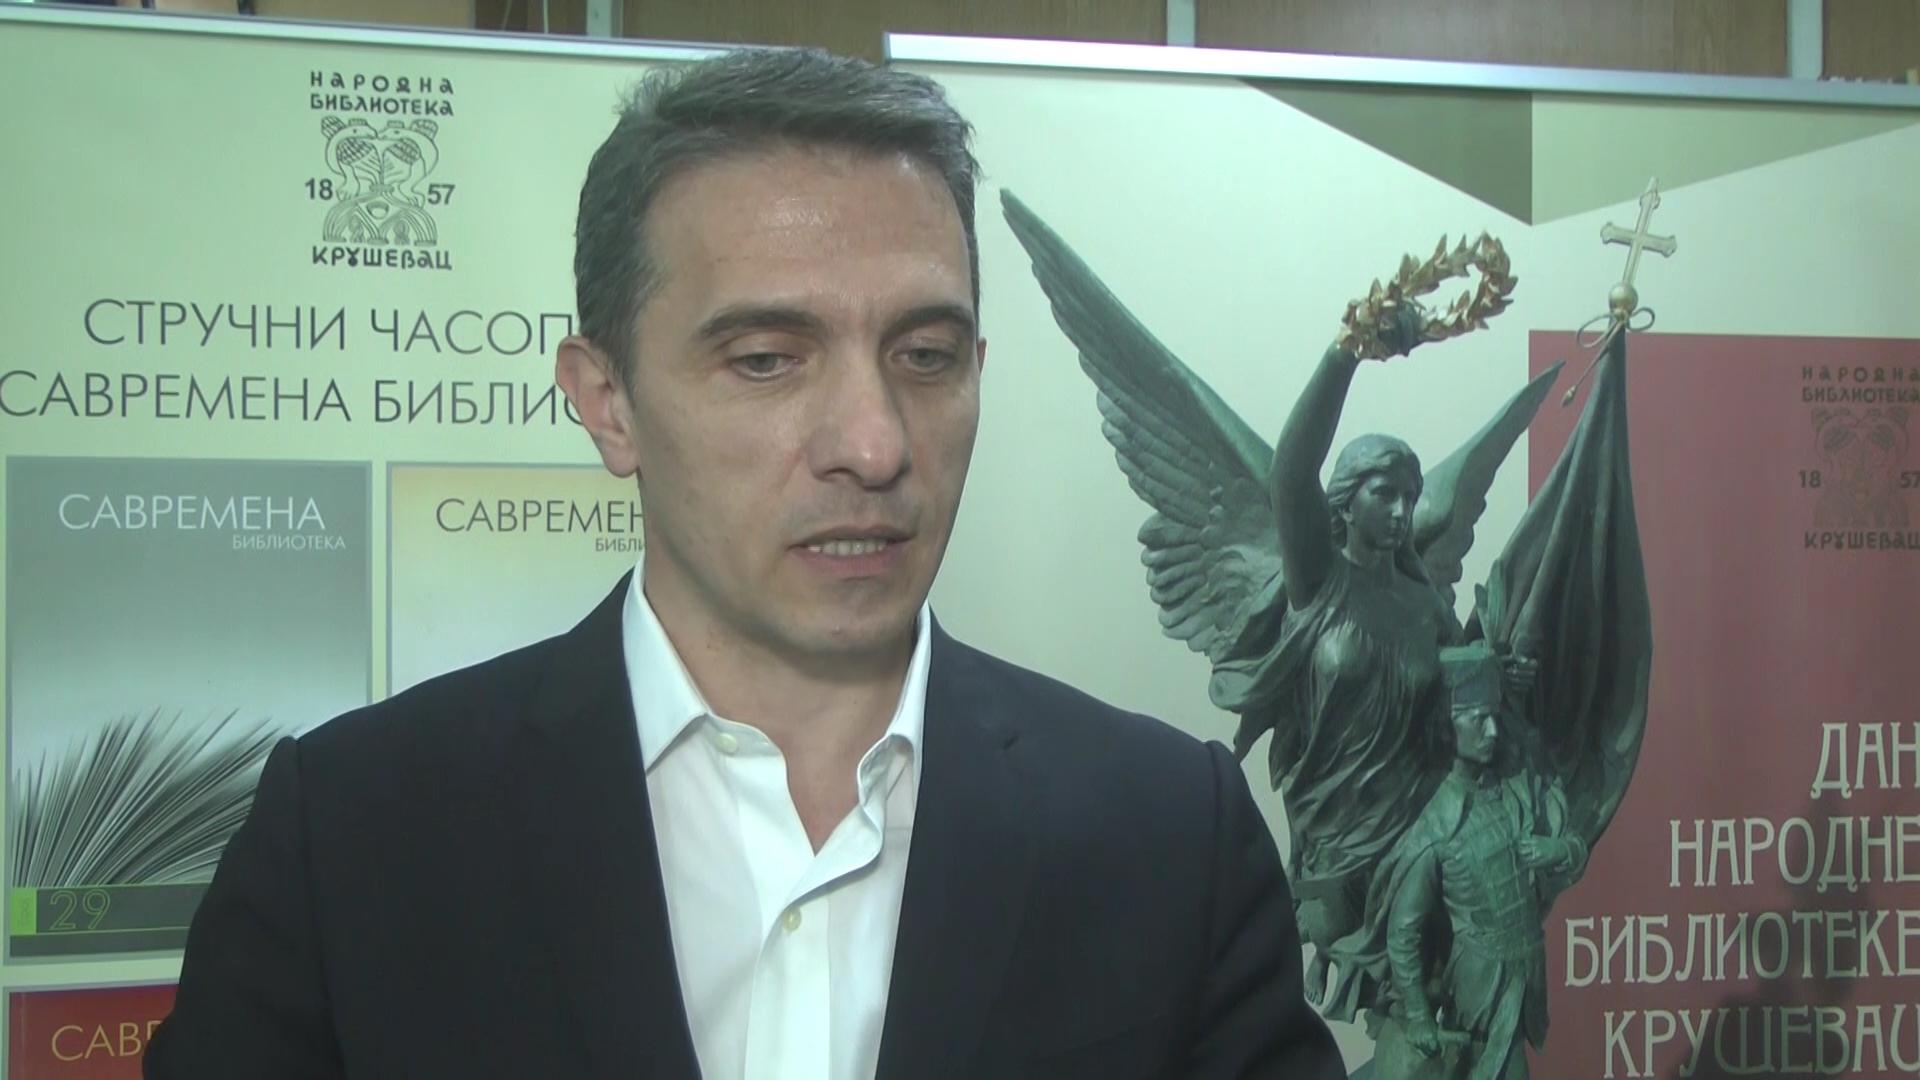 Svetski dan knjige u kruševačkoj Narodnoj biblioteci – sa publicistom Živojinom Petrovićem